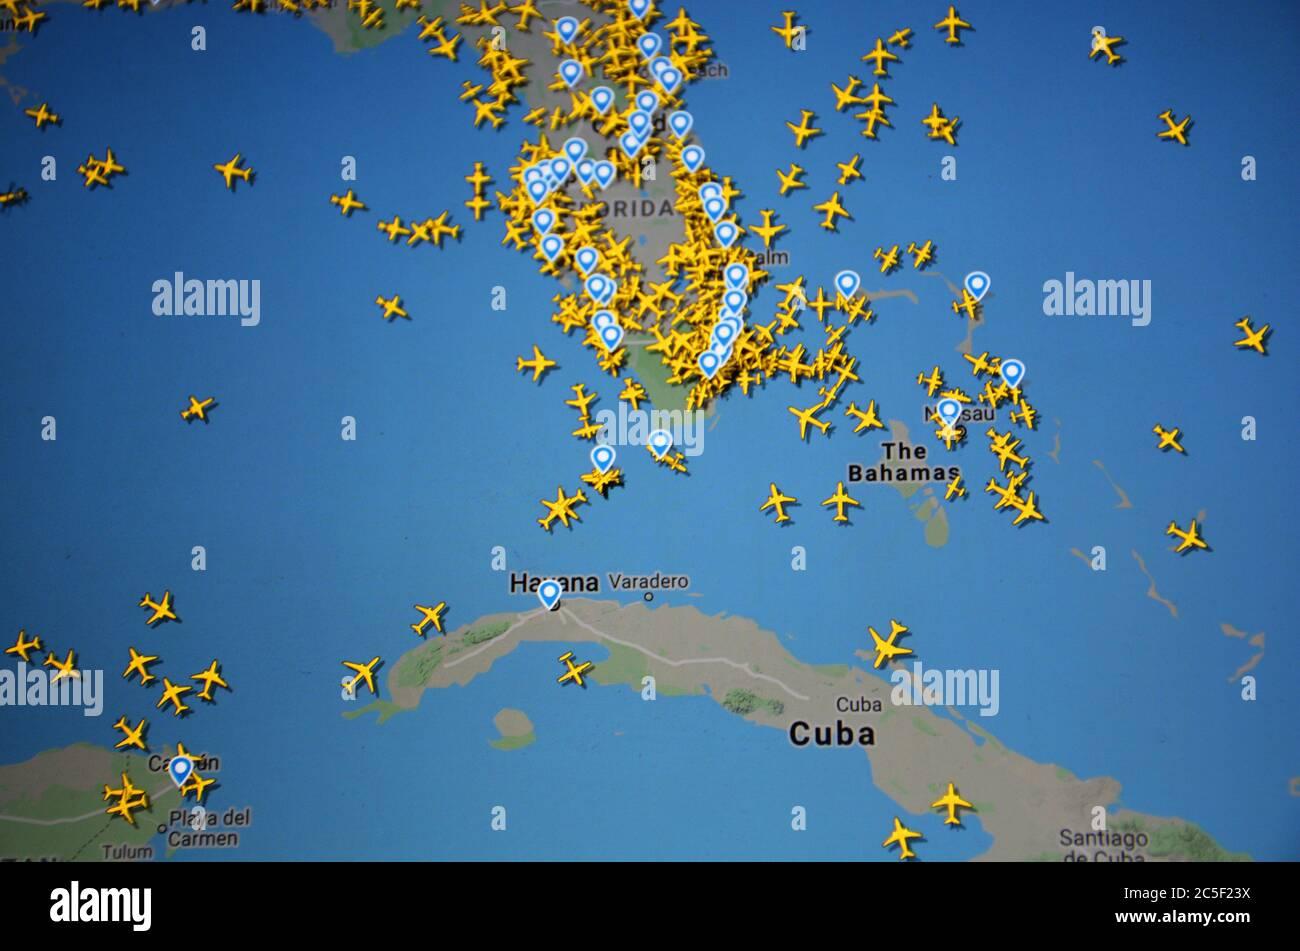 Trafic aérien sur la région des Caraïbes sur Internet, avec le site Flightracar 24 de Svenska Resenätverket AB ( 02 juillet 2020, UTC 19.12 ) Banque D'Images